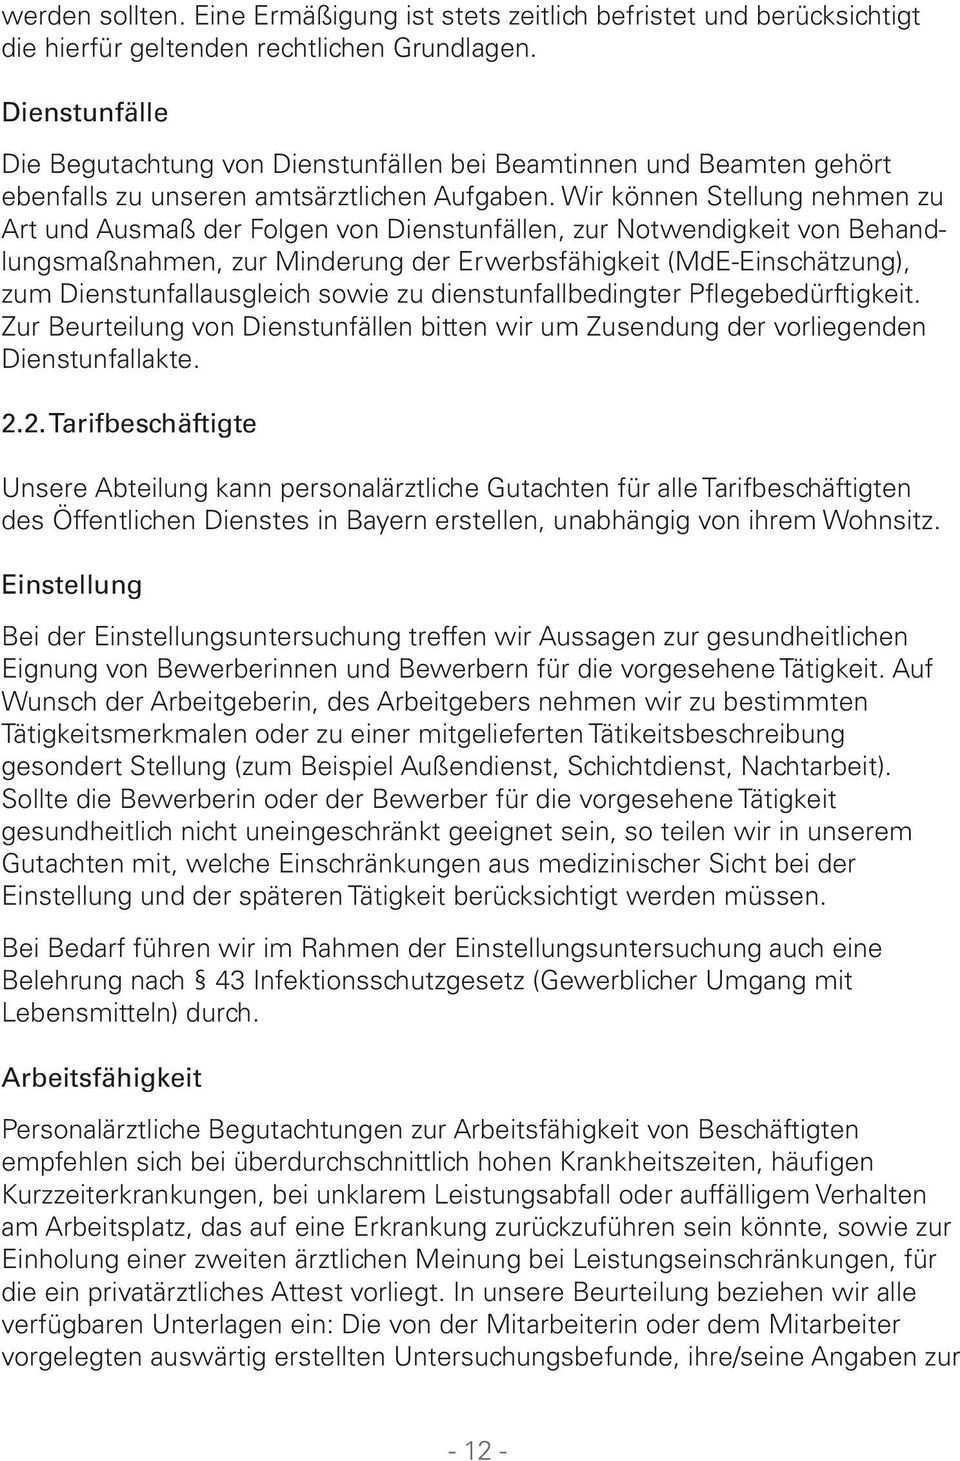 Amts Und Personalarztliche Gutachten Pdf Free Download